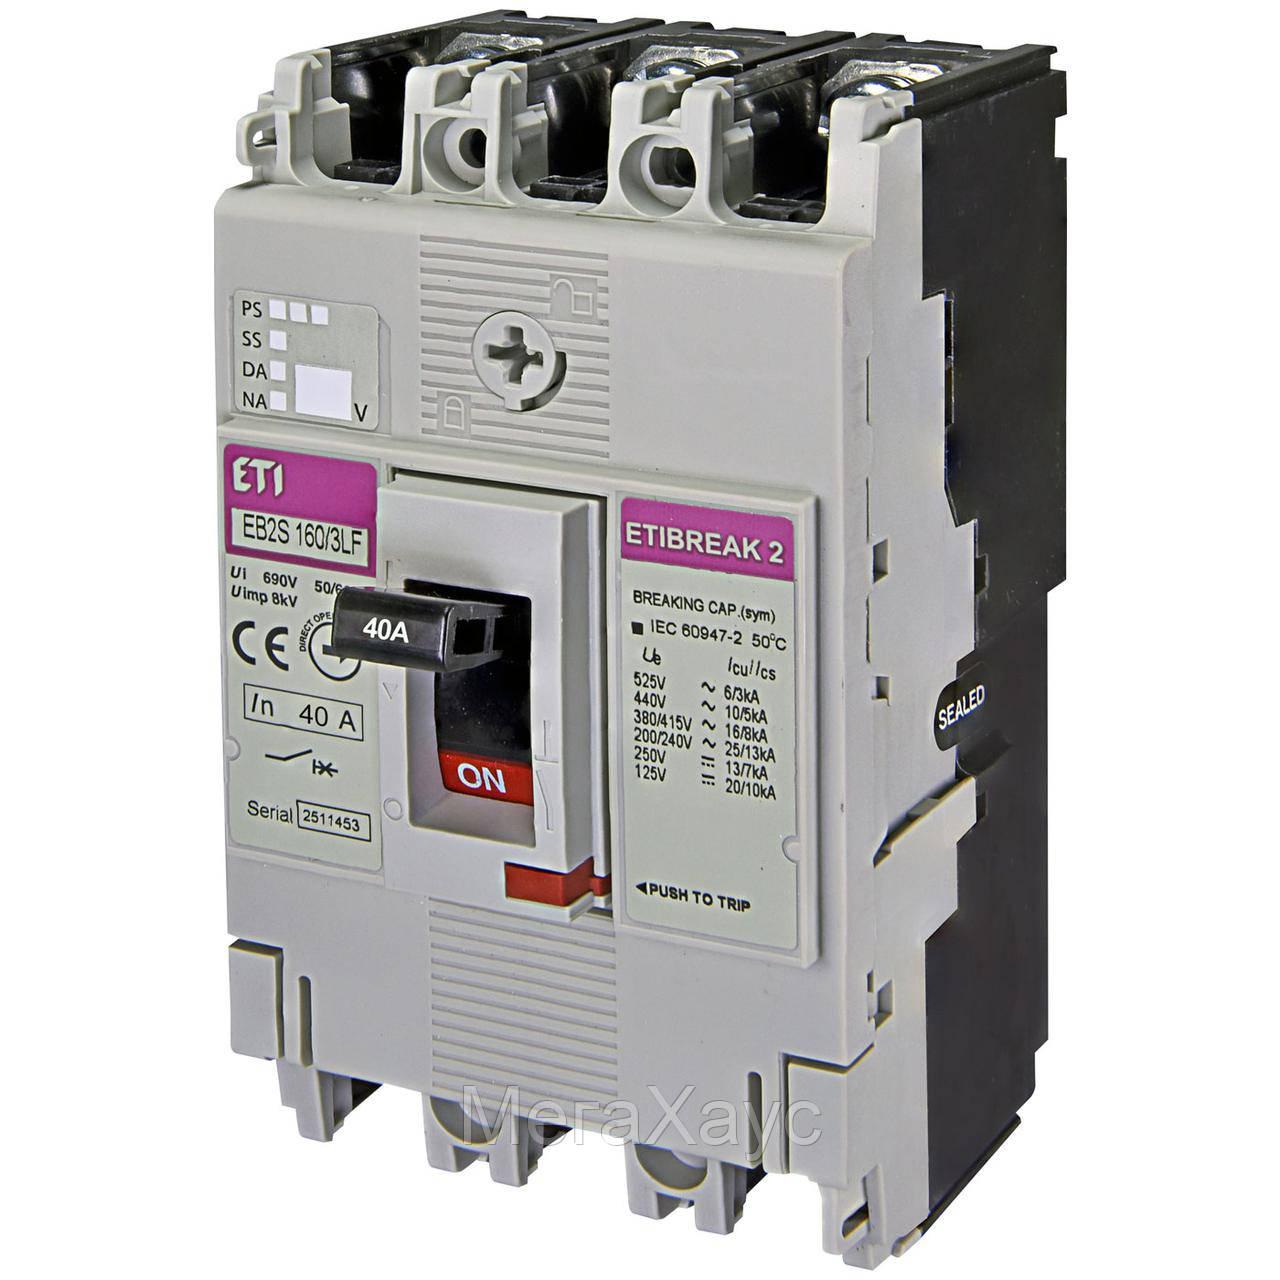 Промышленный автоматический выключатель ETI ETIBREAK   EB2S 160/3LF  40А 3P (16kA фикс.настр